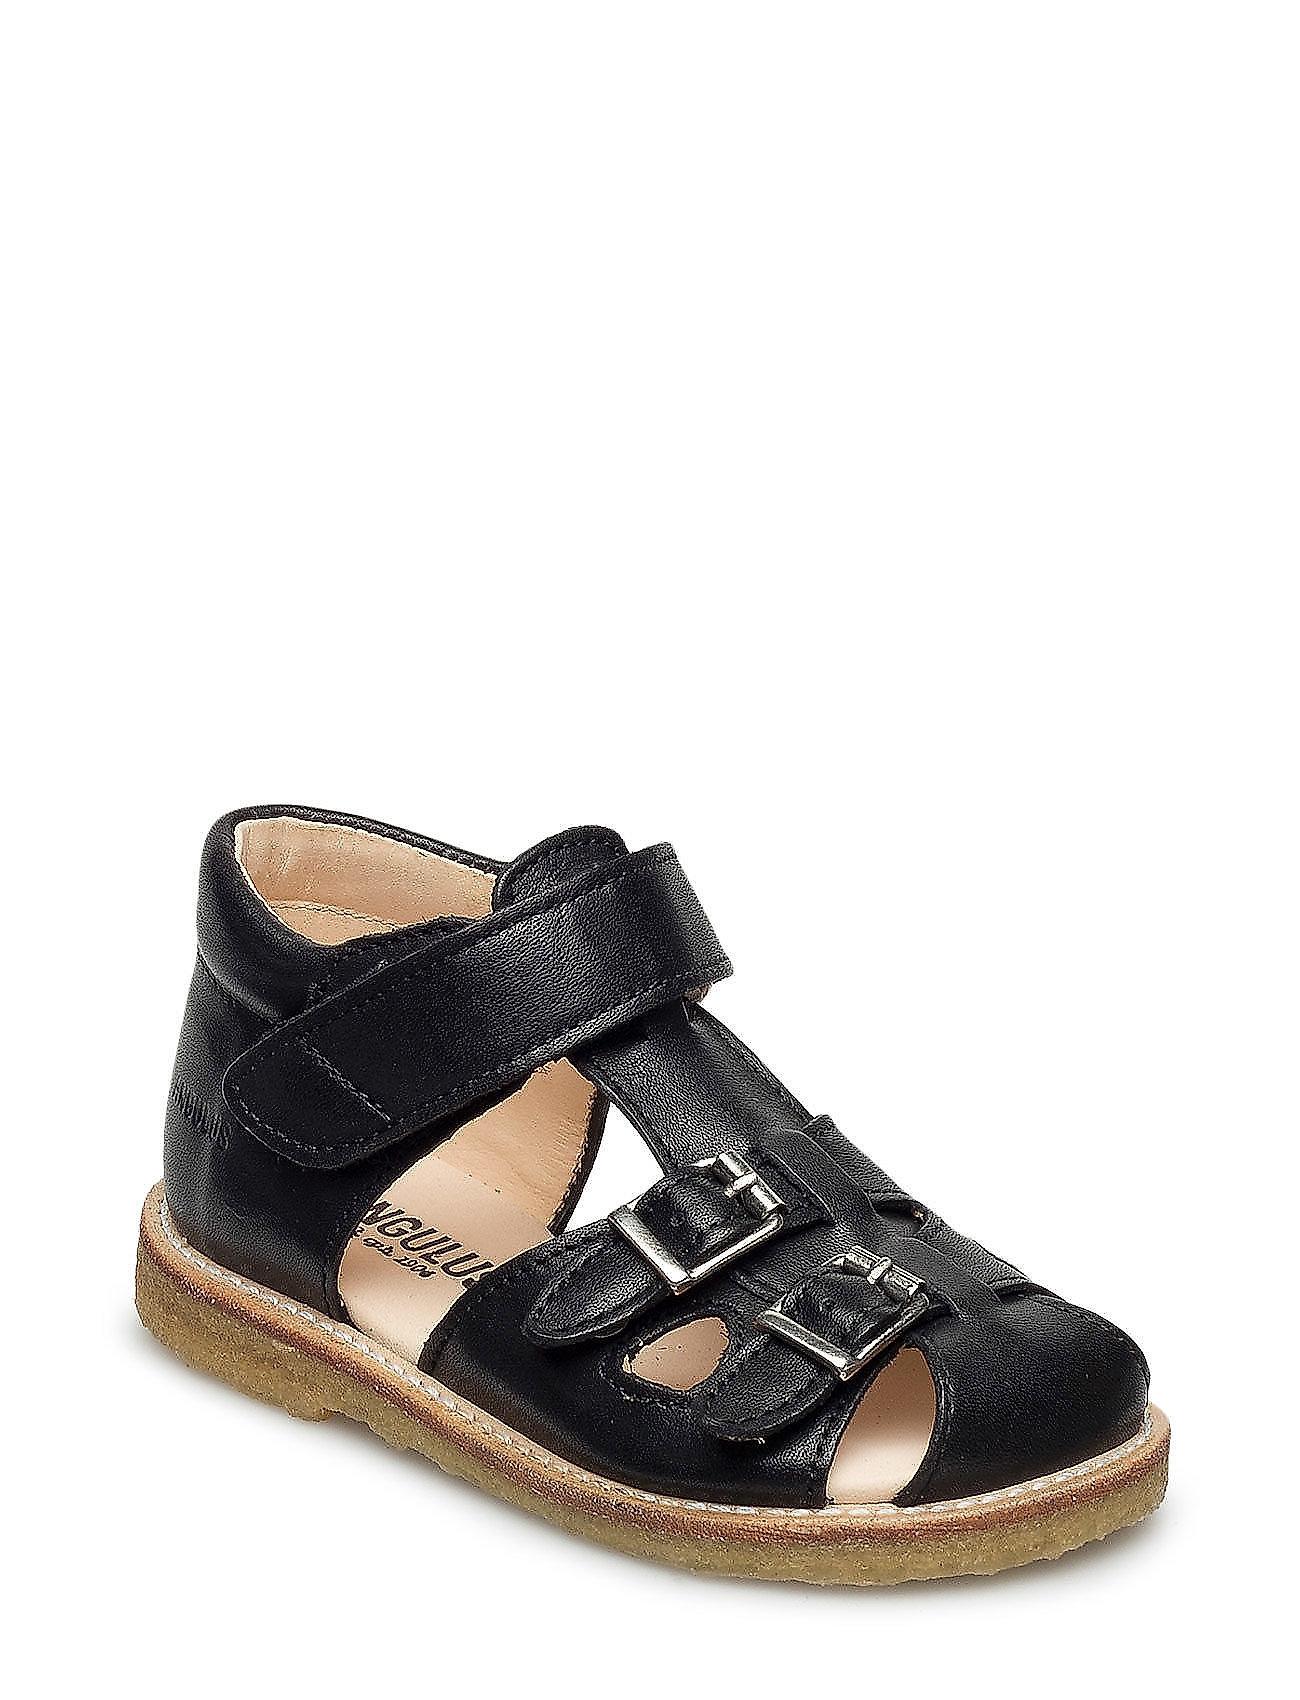 ANGULUS Sandals - flat